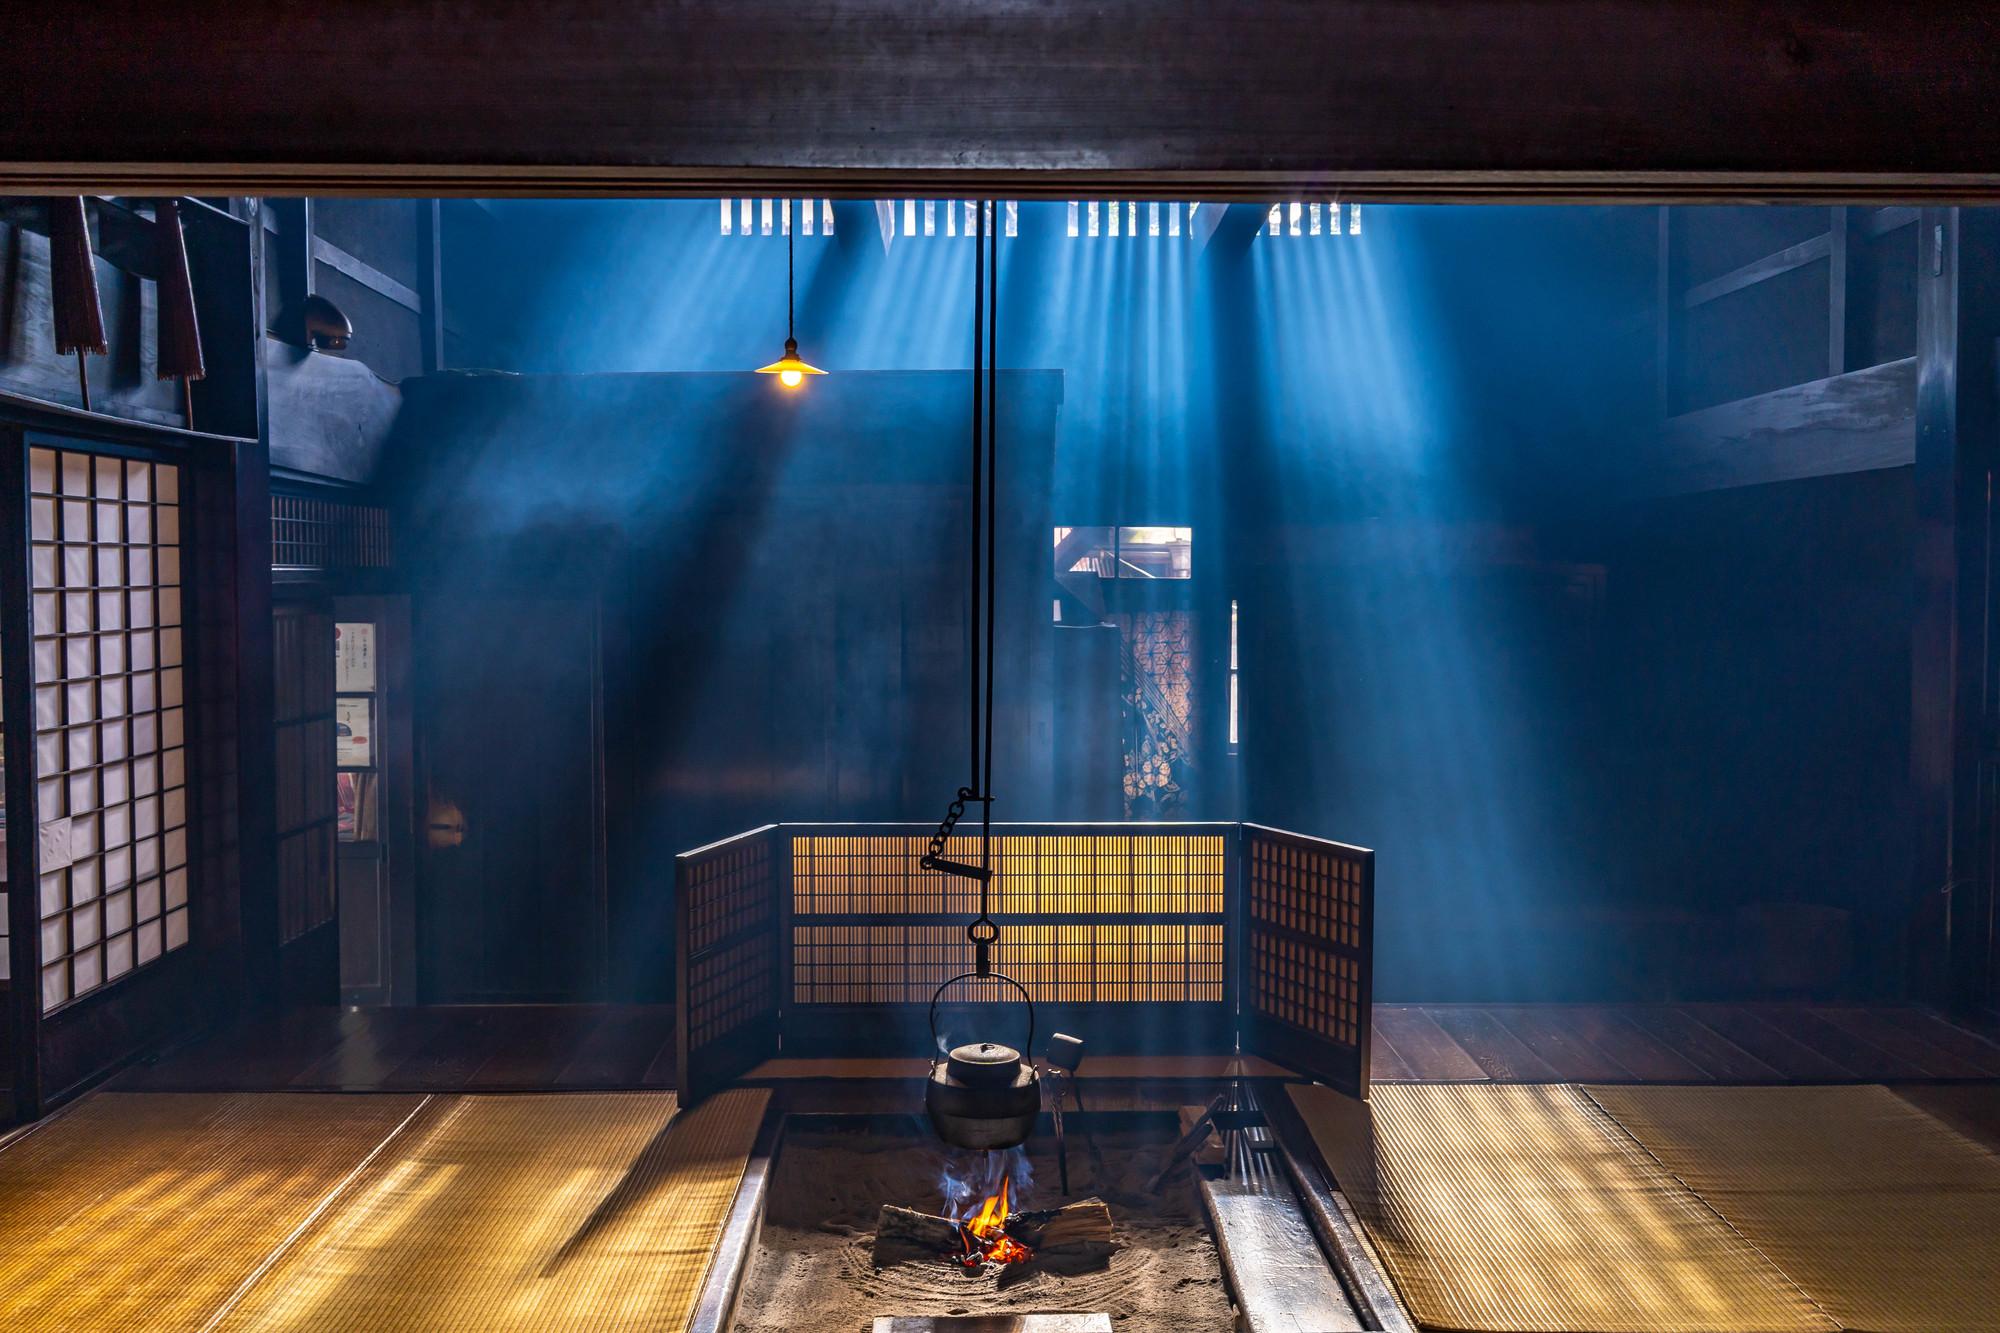 練馬区の囲炉裏